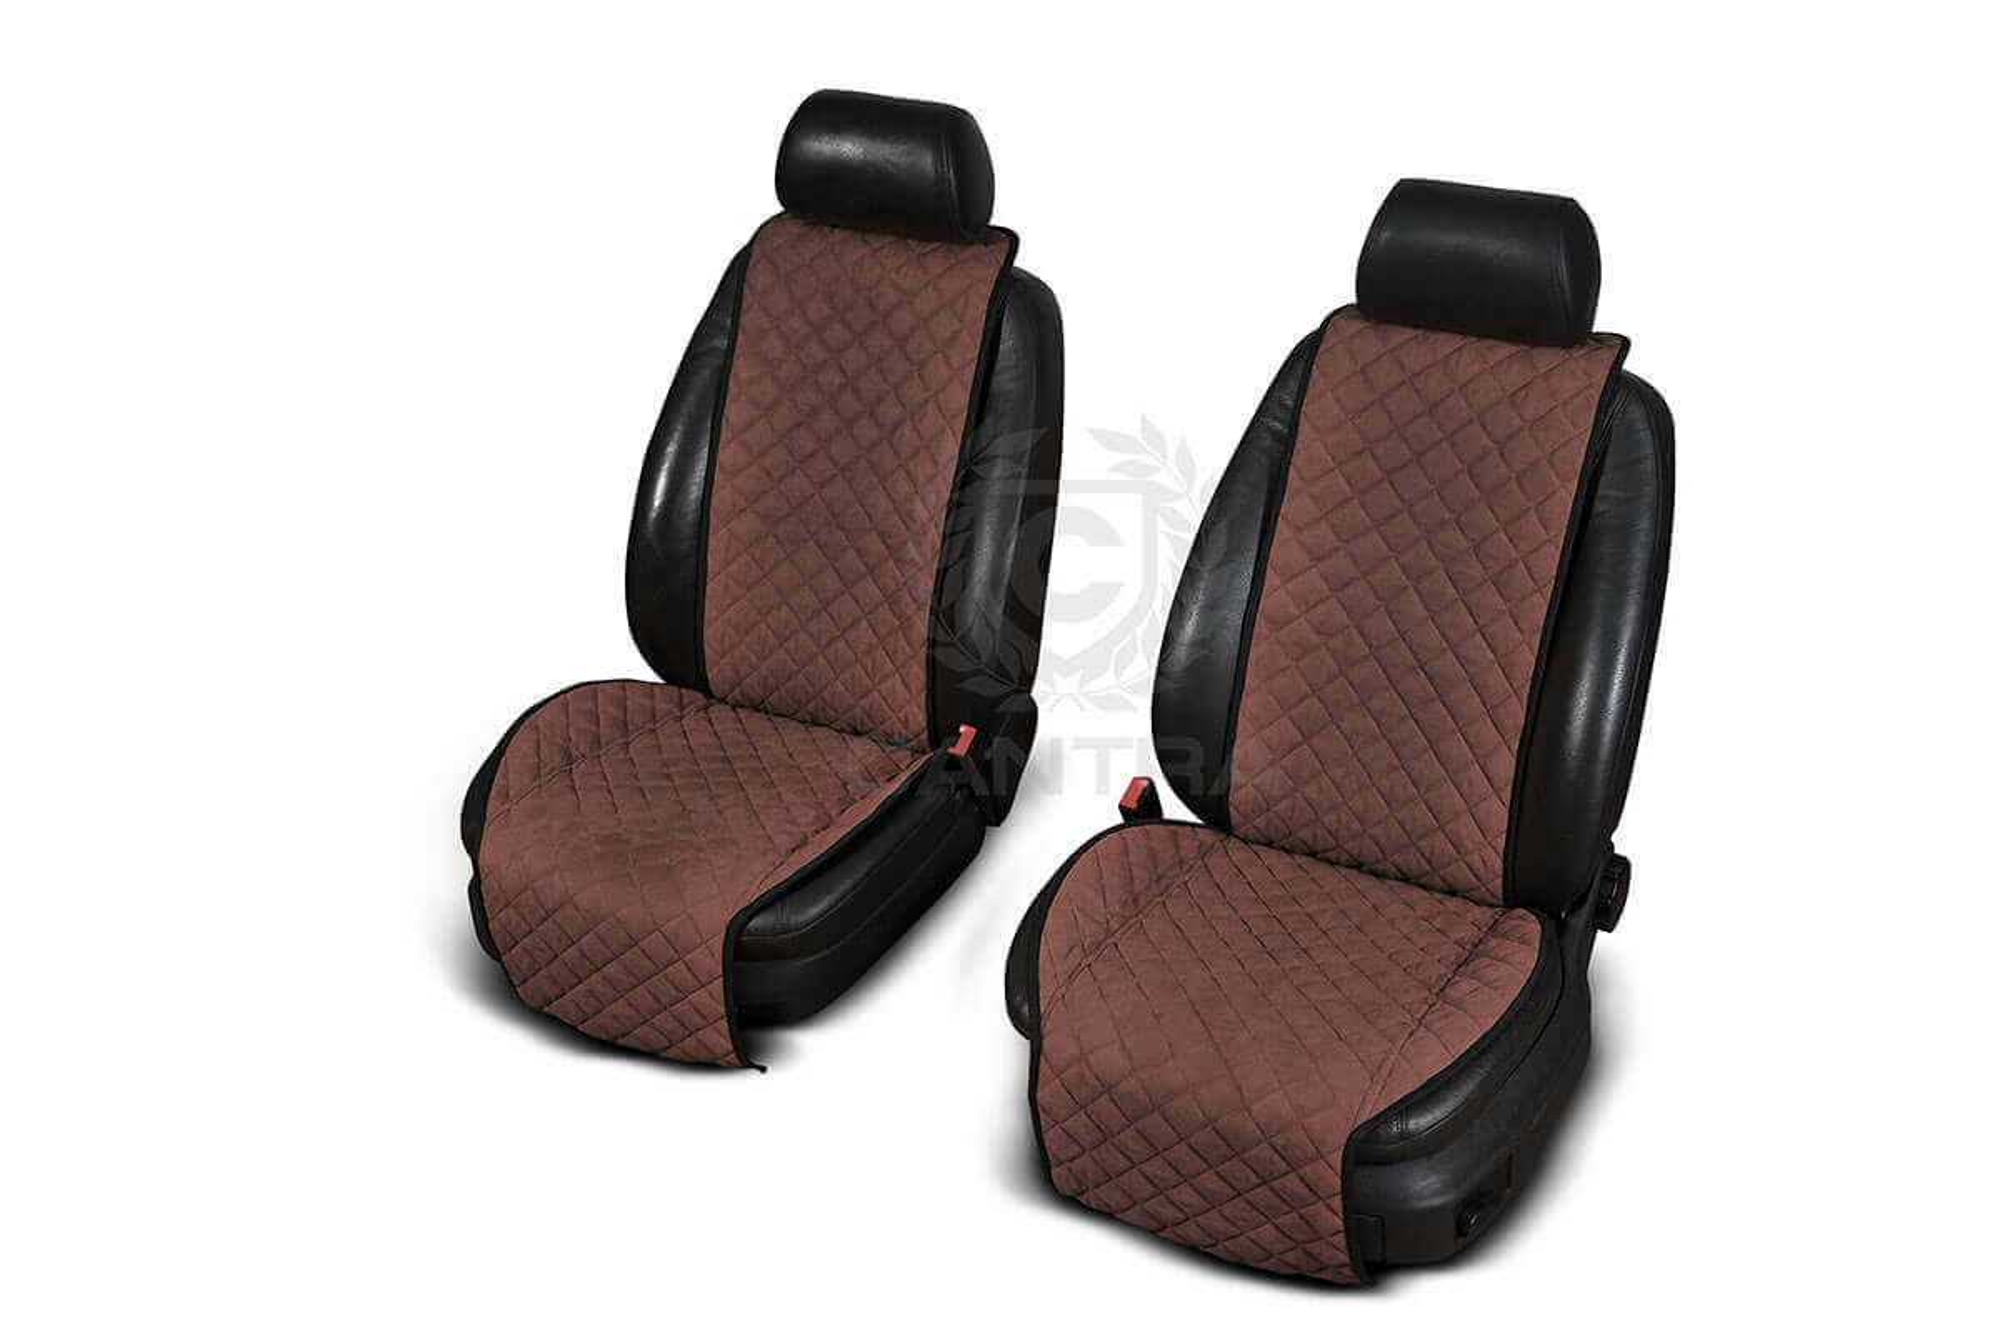 Autopotahy Cantra - ŠIROKÉ. 2x autopotahy na přední sedadla Barva: Tmavě hnědá